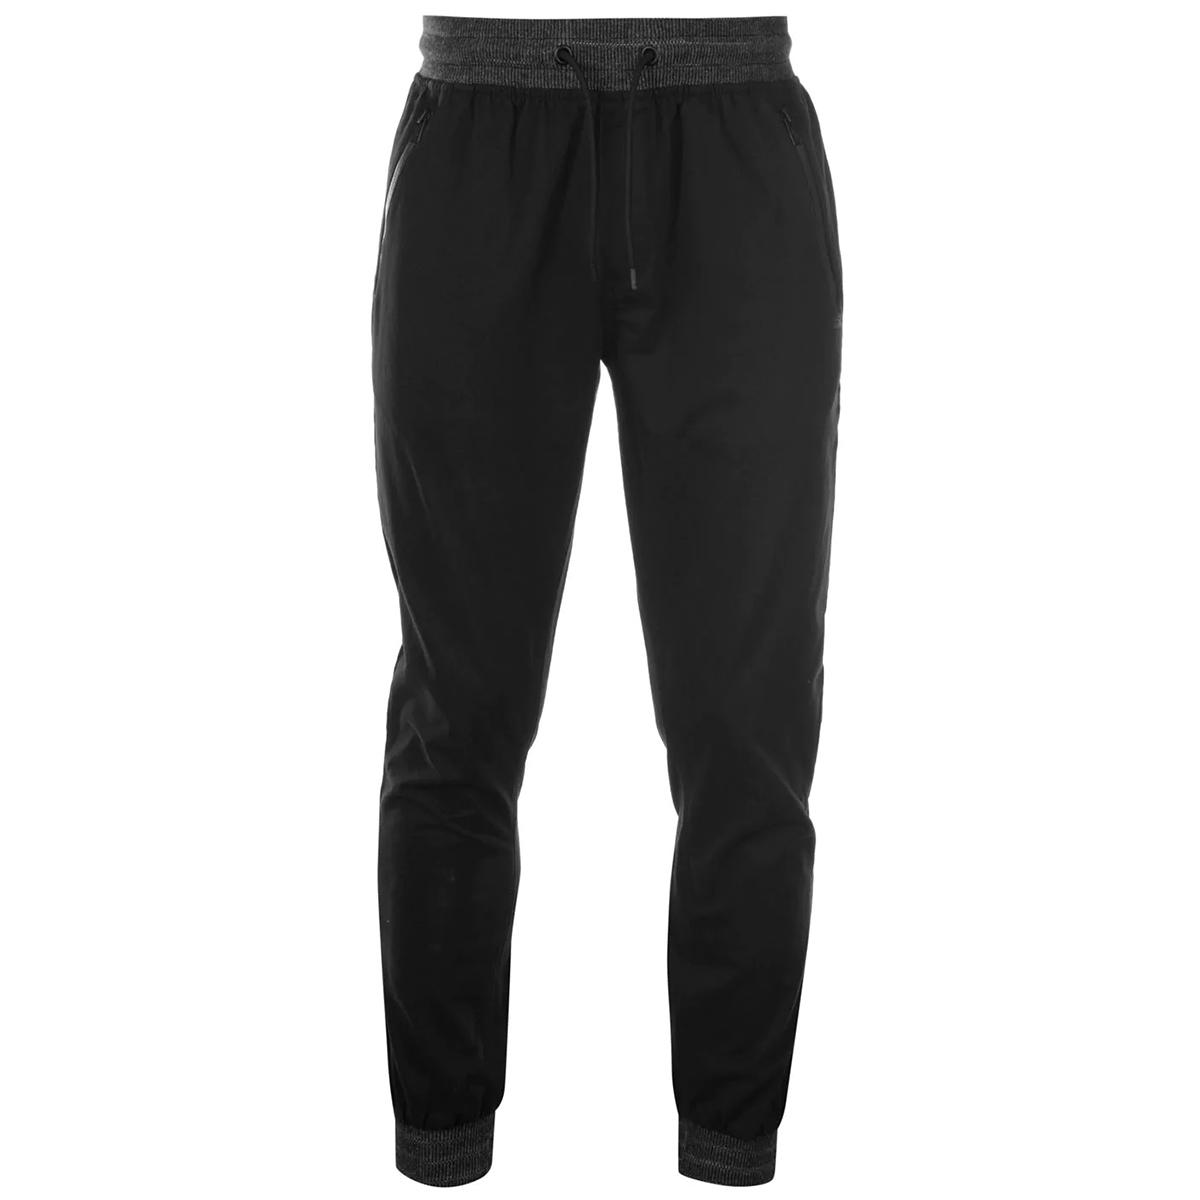 No Fear Men's Ribbed Waist Chino Pants - Black, 3XL